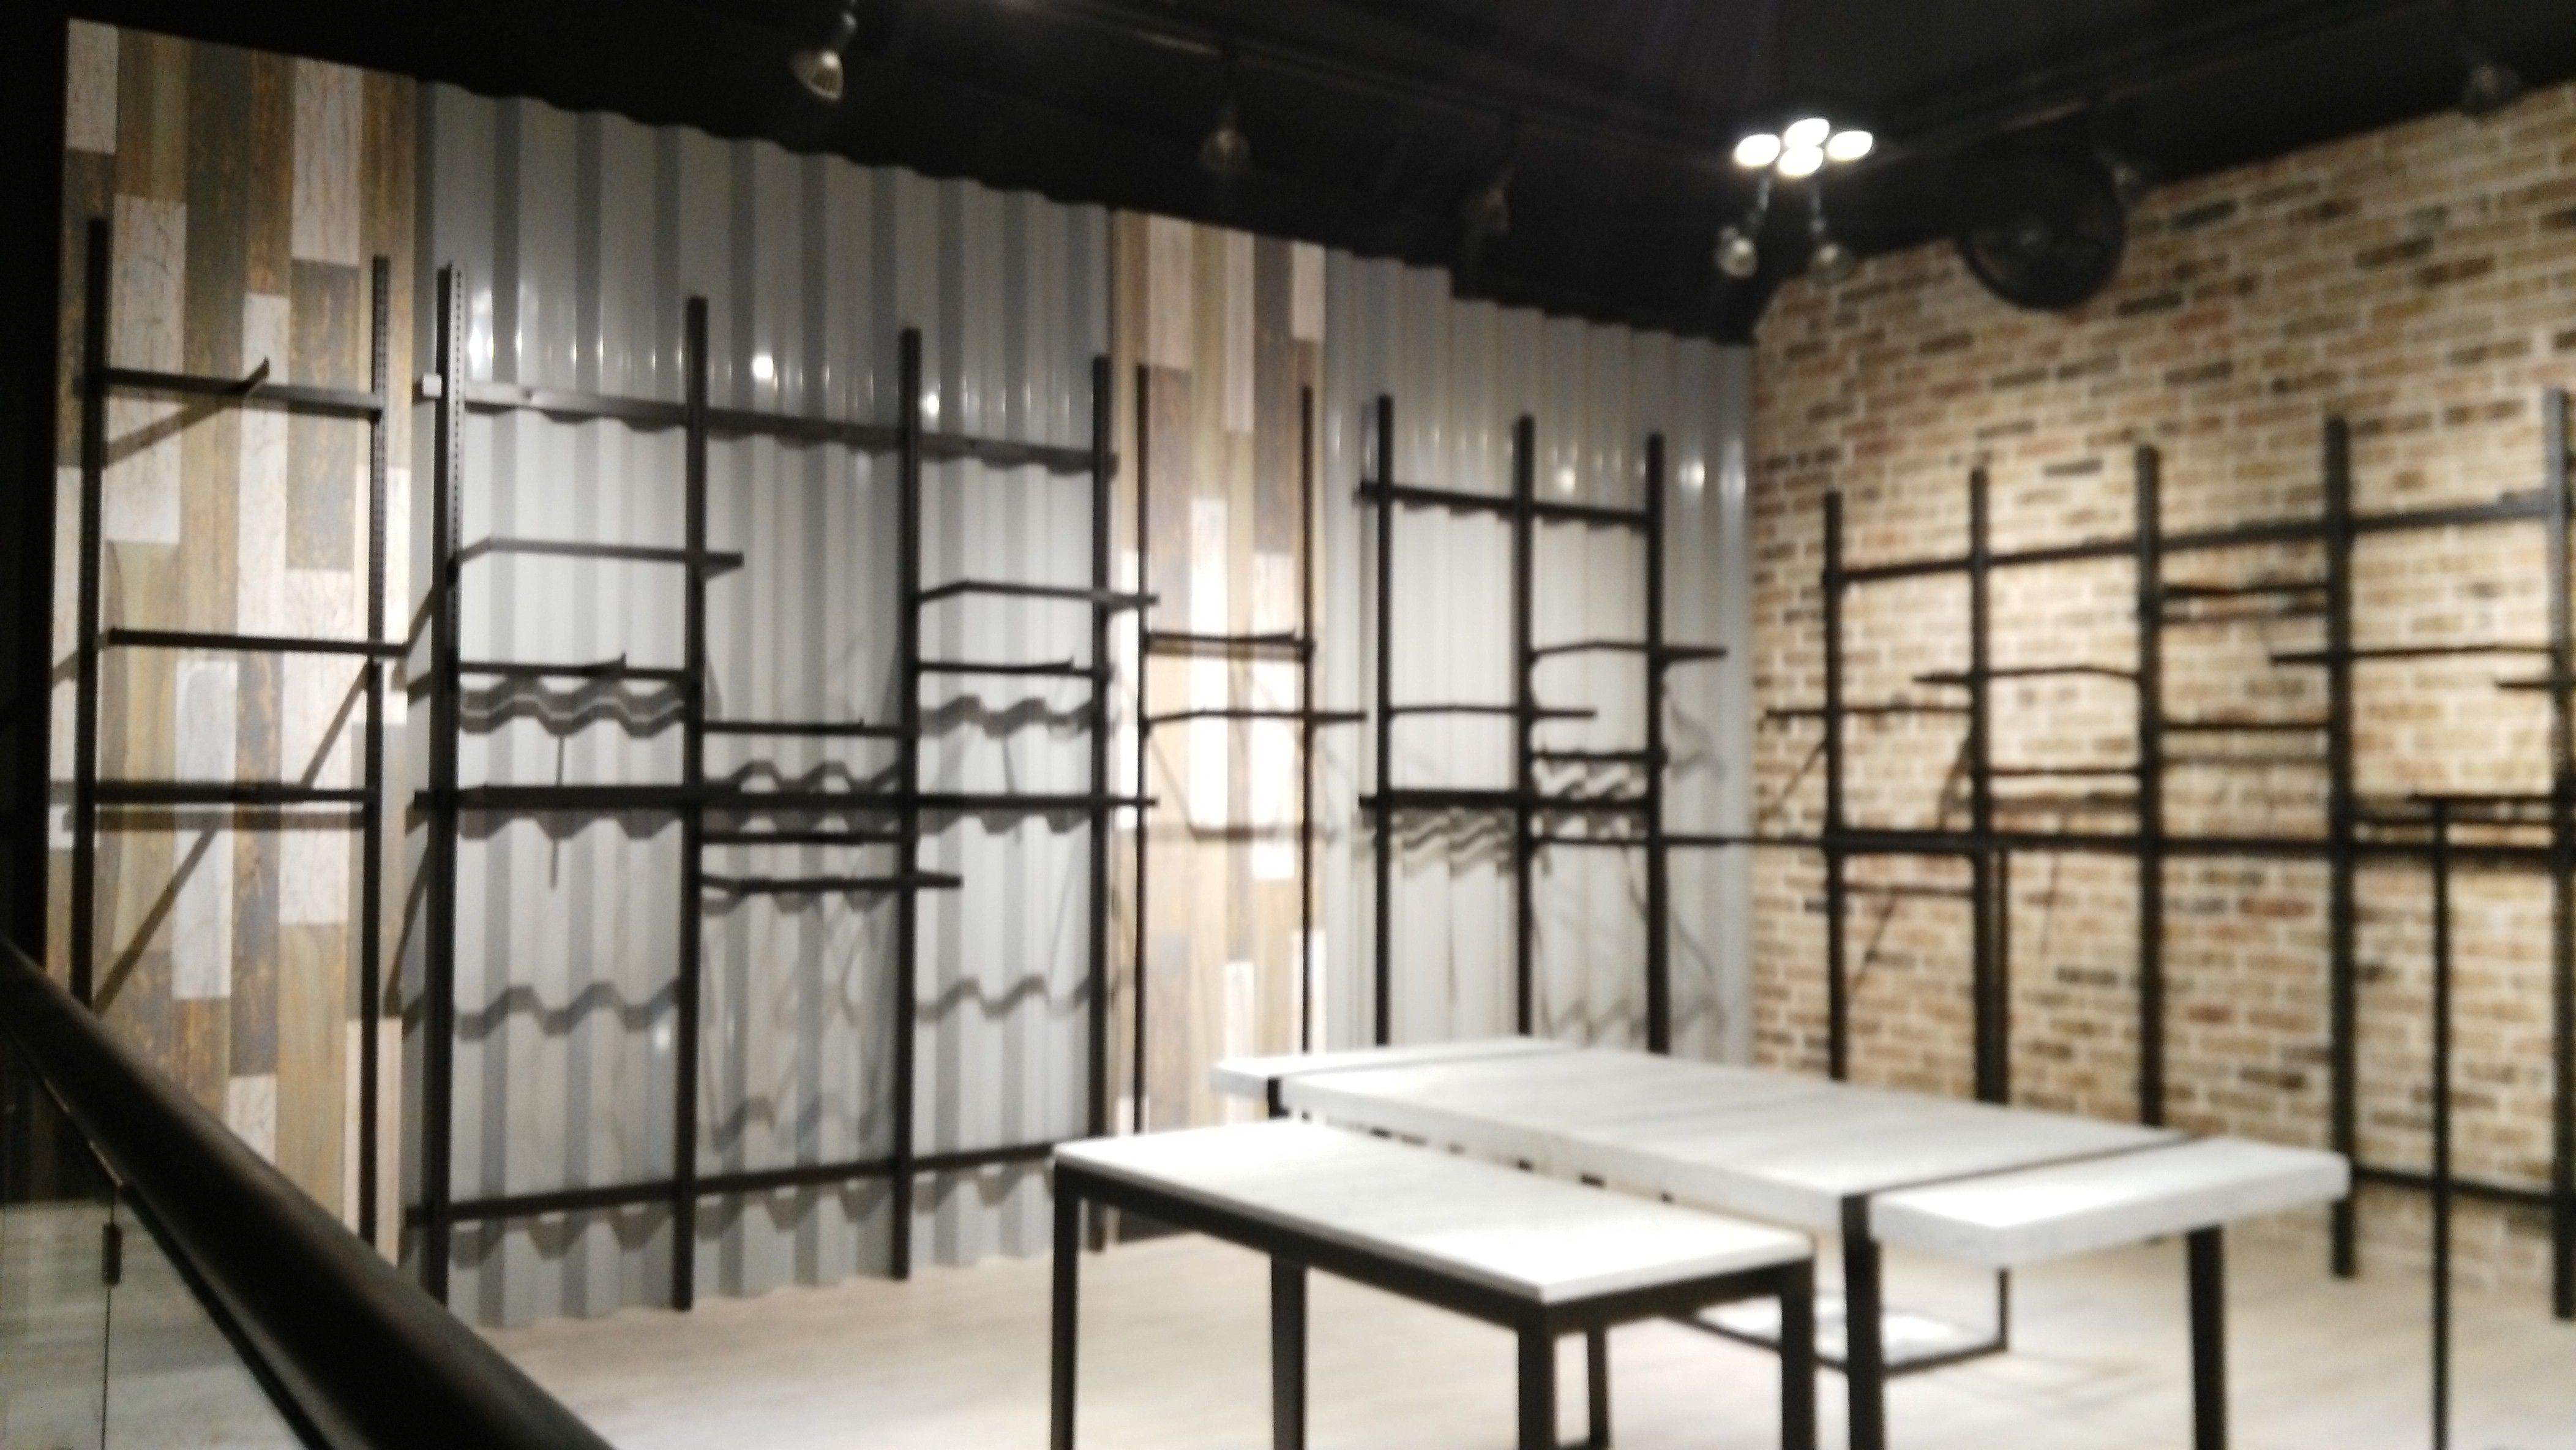 Muros En Lamina Acanalada Con Aplicacion De Pintura Electrostatica  # Muebles Excell Aguascalientes